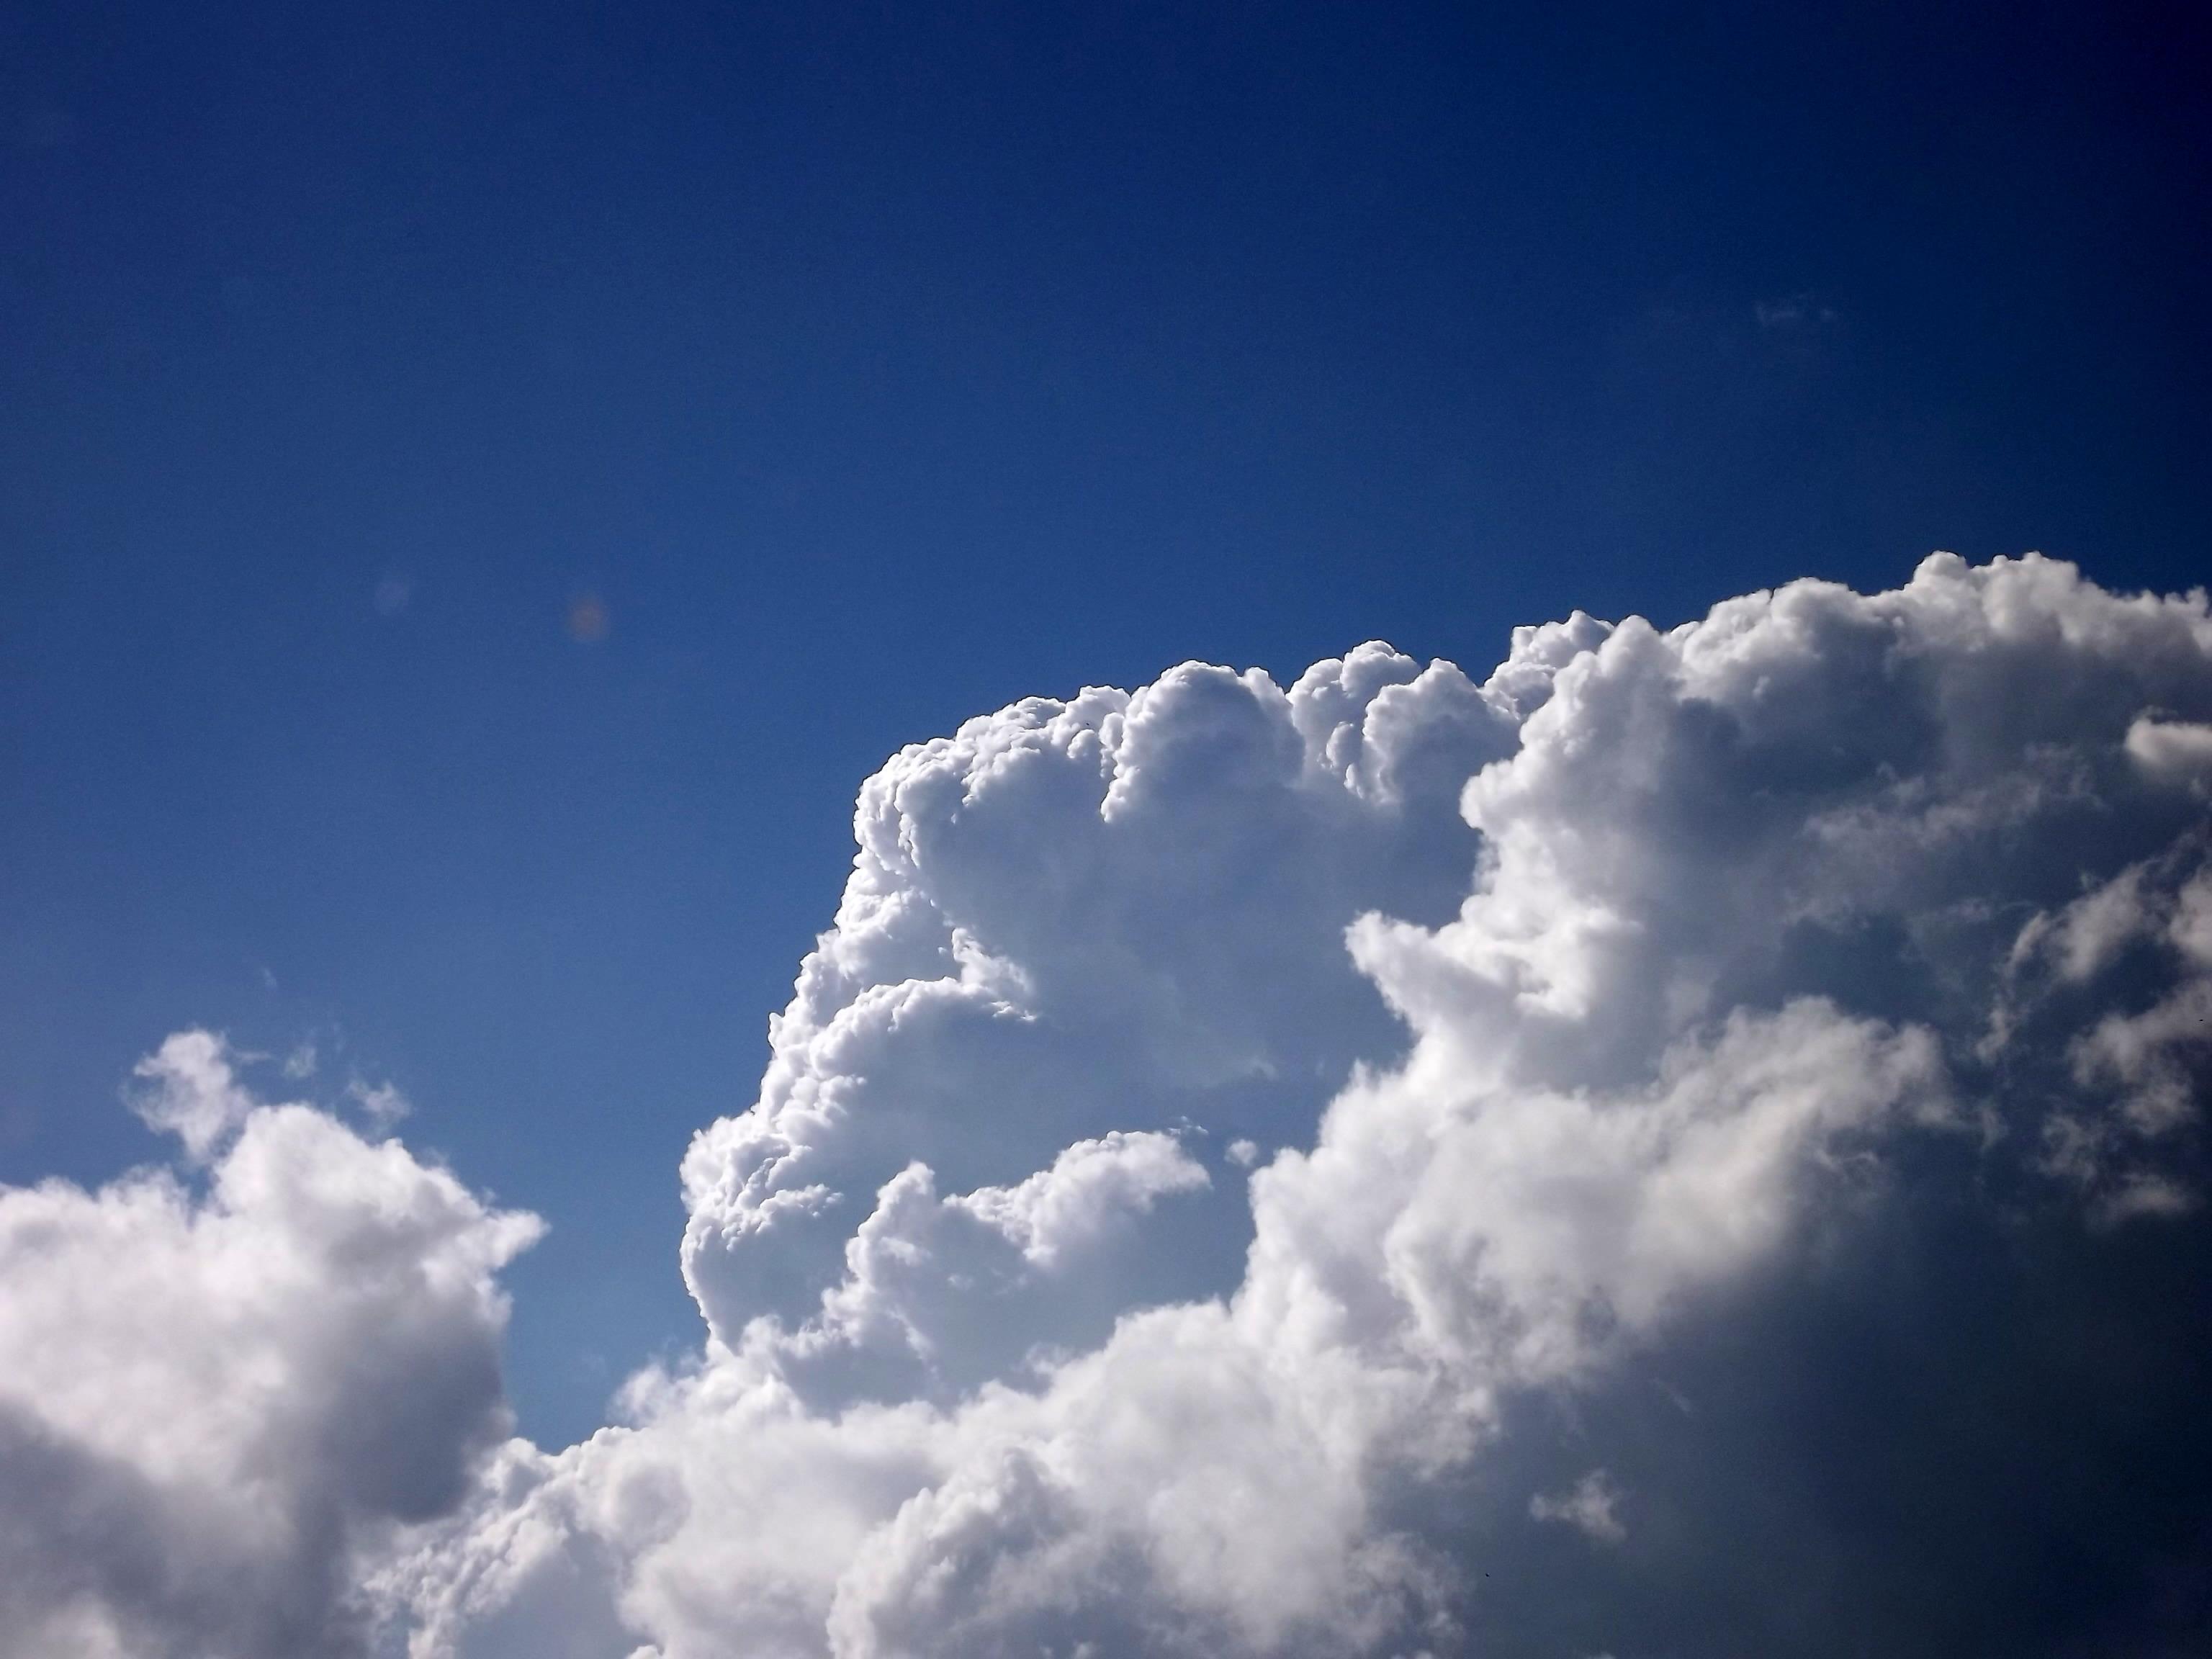 5258-quellwolken-blauer-himmel